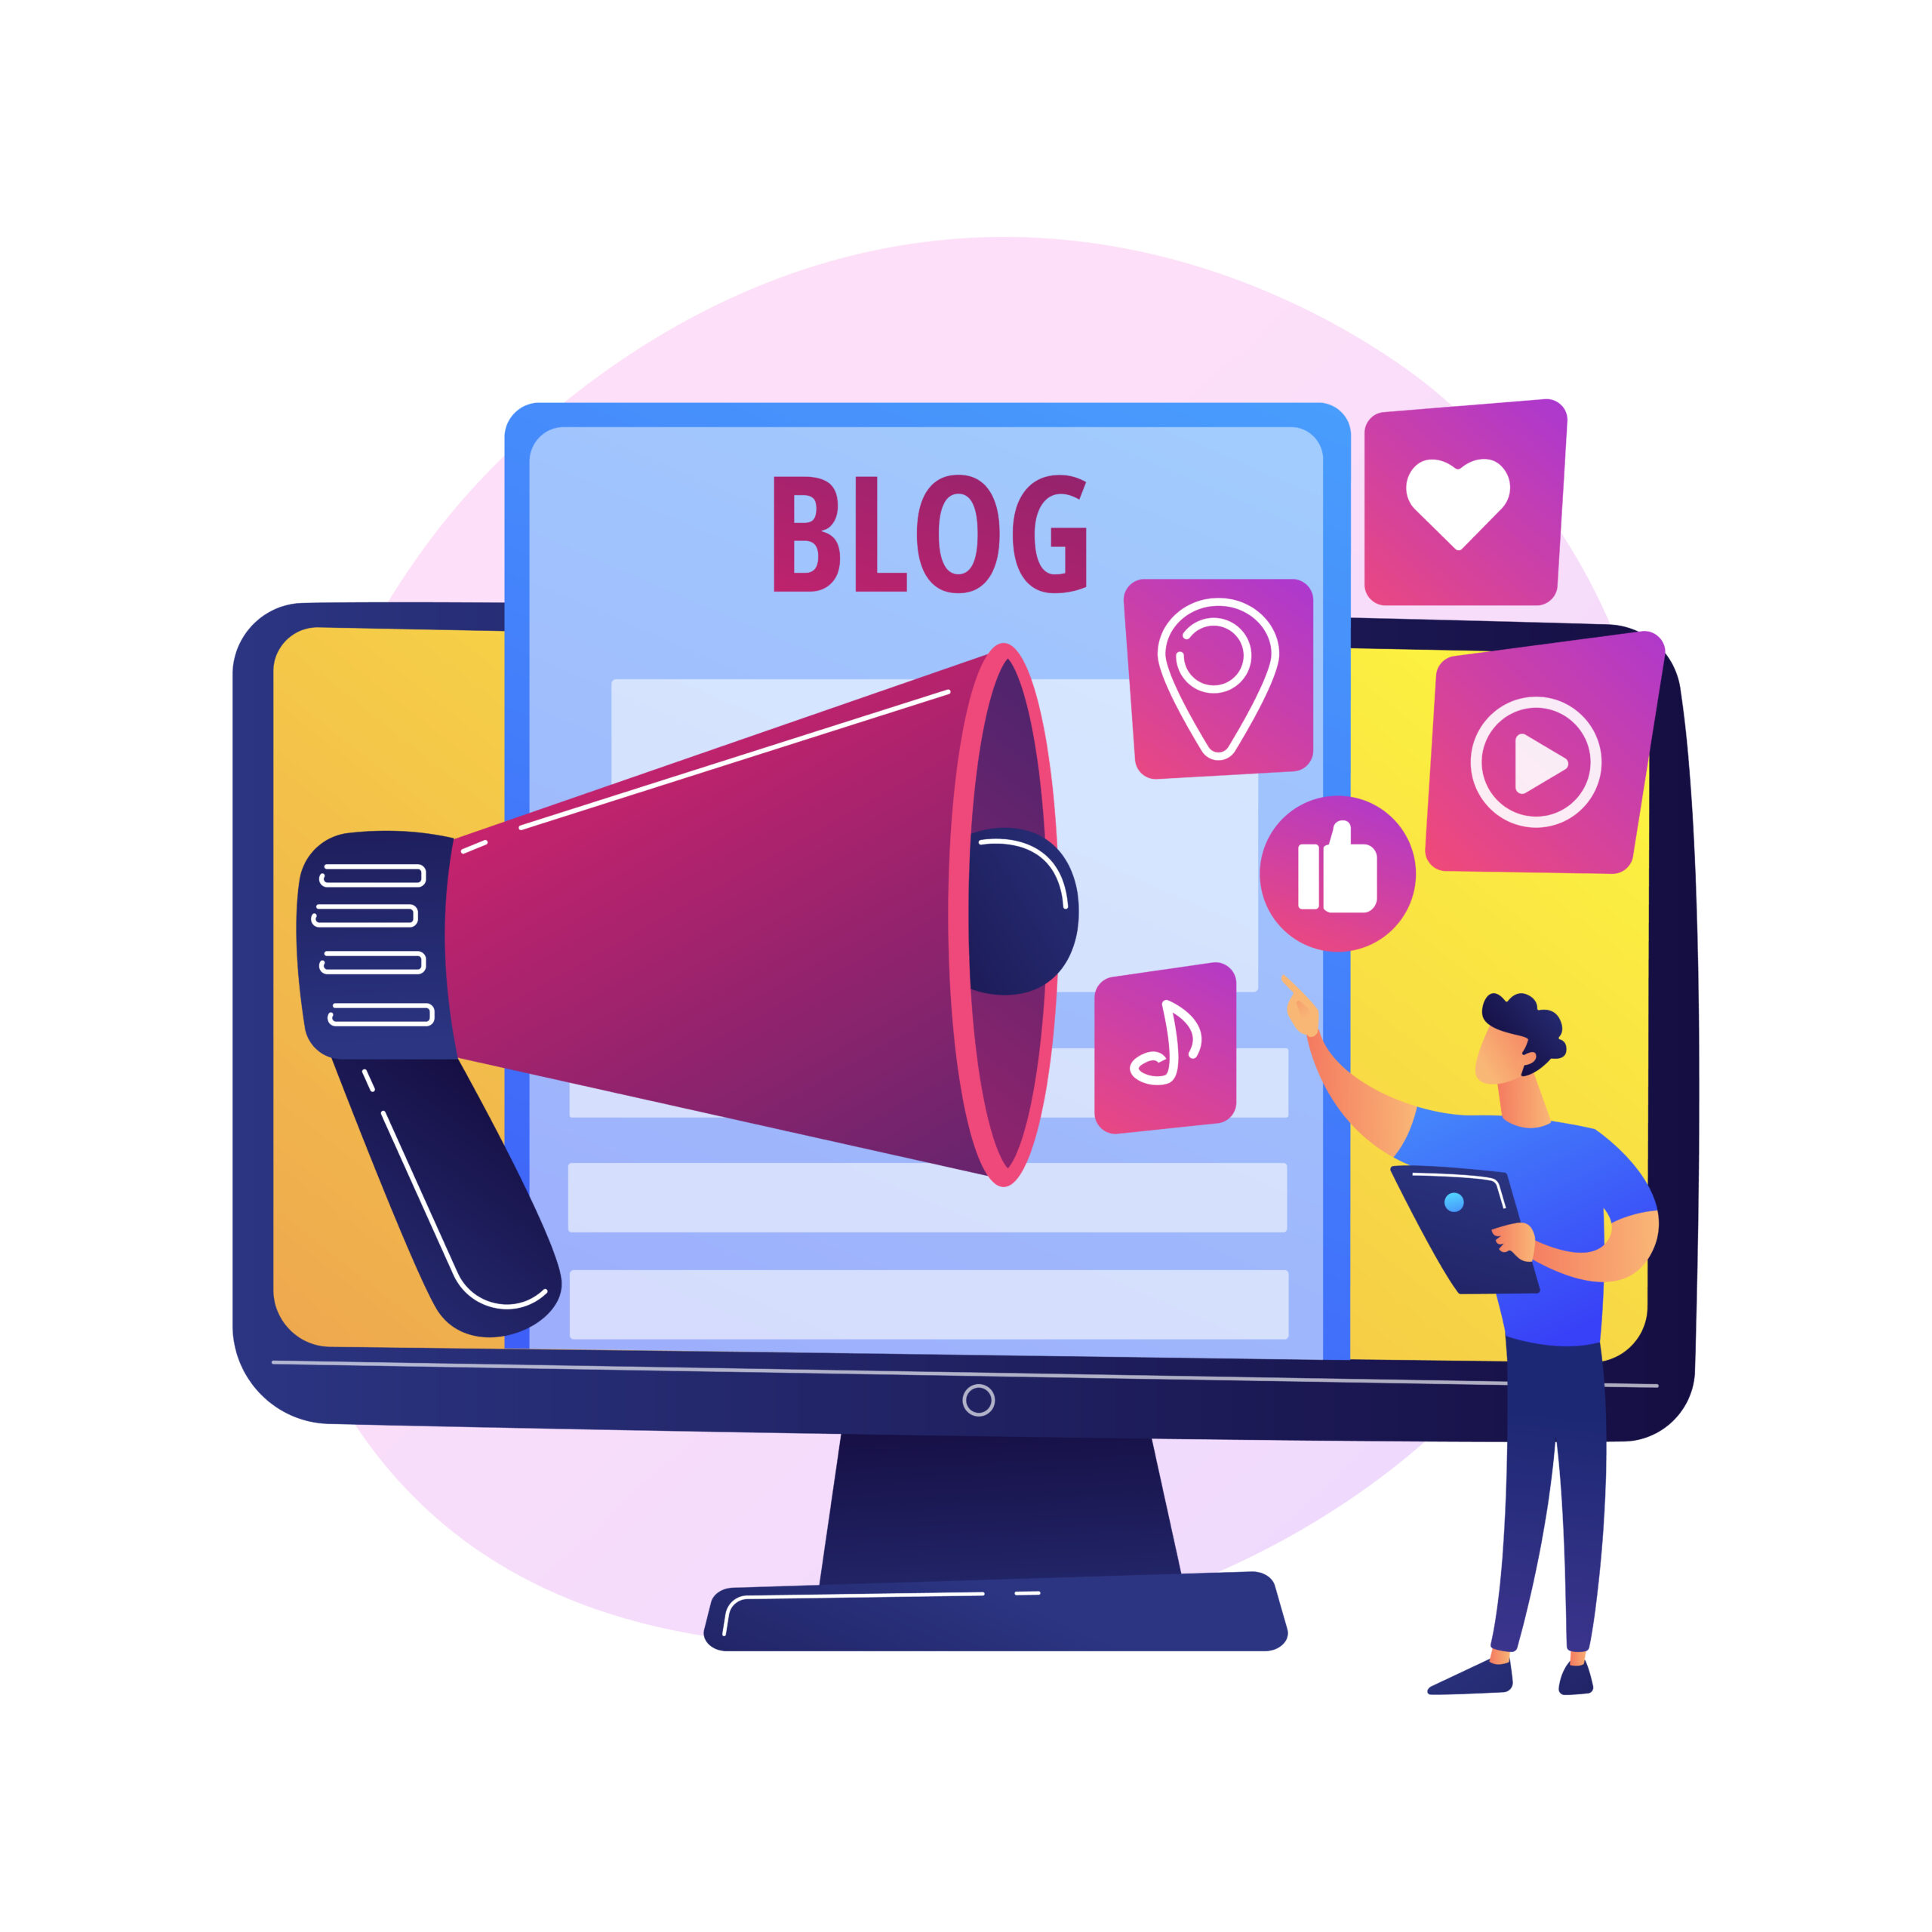 Claves para escribir un buen artículo en tu blog